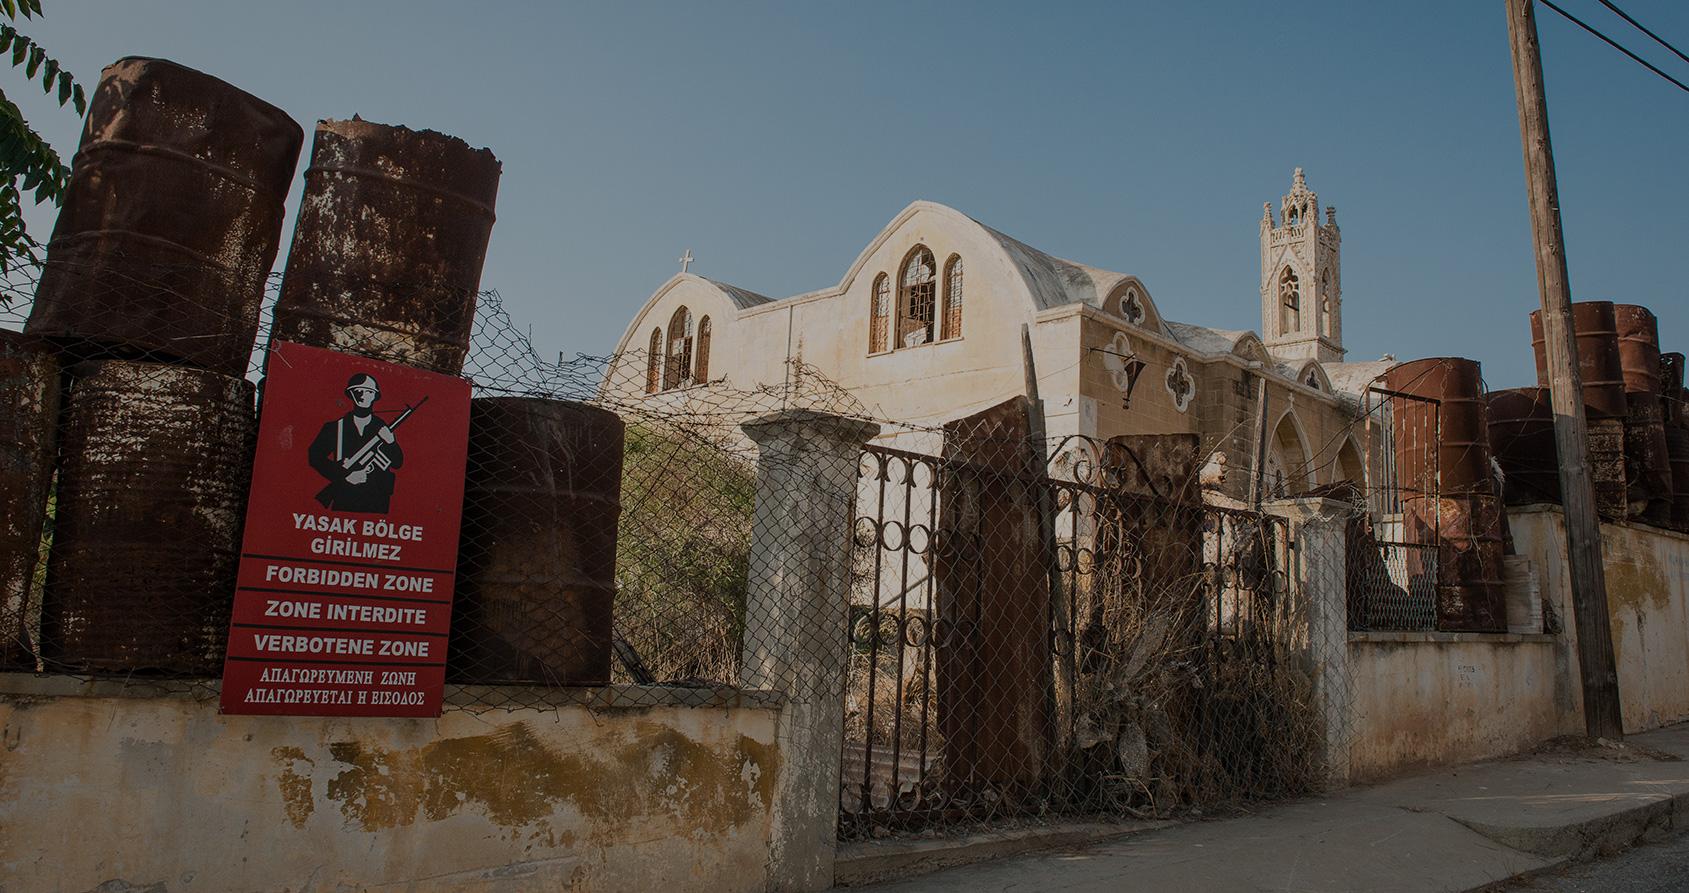 À Chypre, cette ville fantôme incarne le conflit qui divise le pays